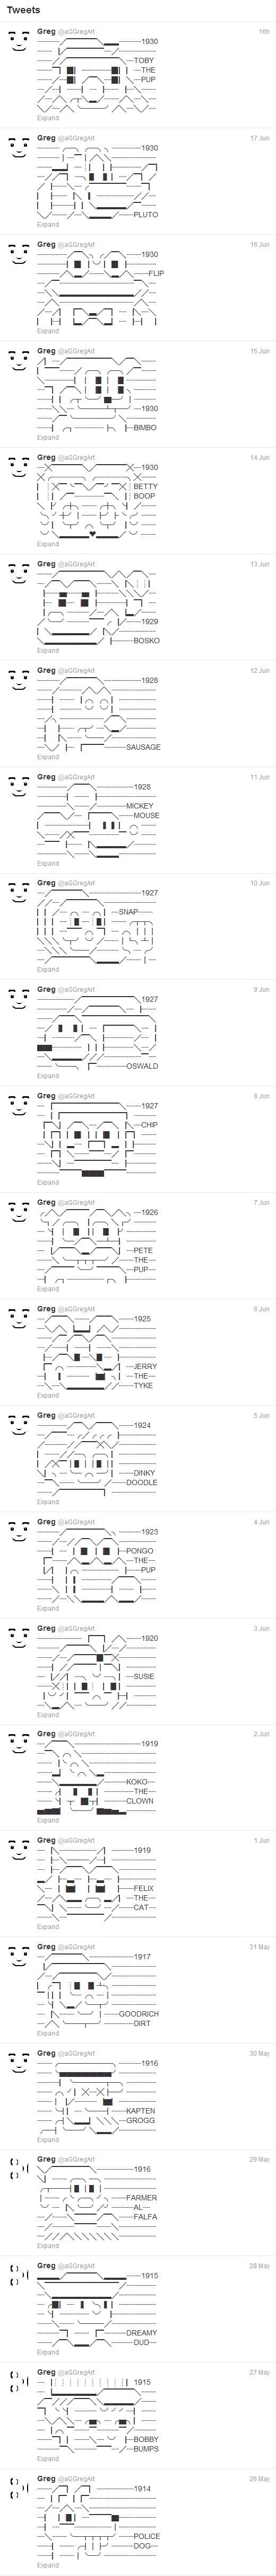 ASCII Text Art Generator - FSYMBOLS